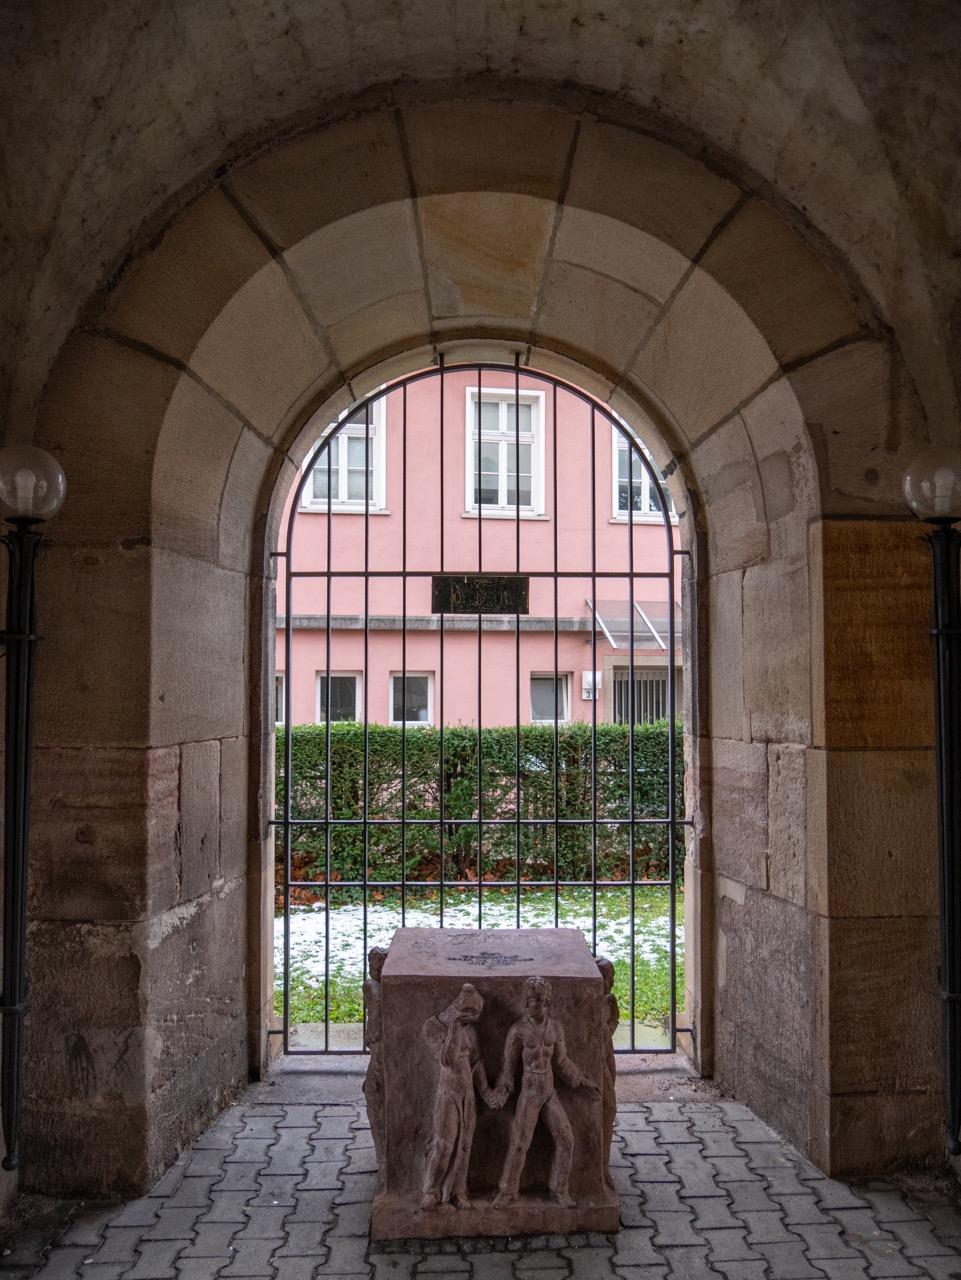 Skulptur in der Vorhalle unter dem Turm